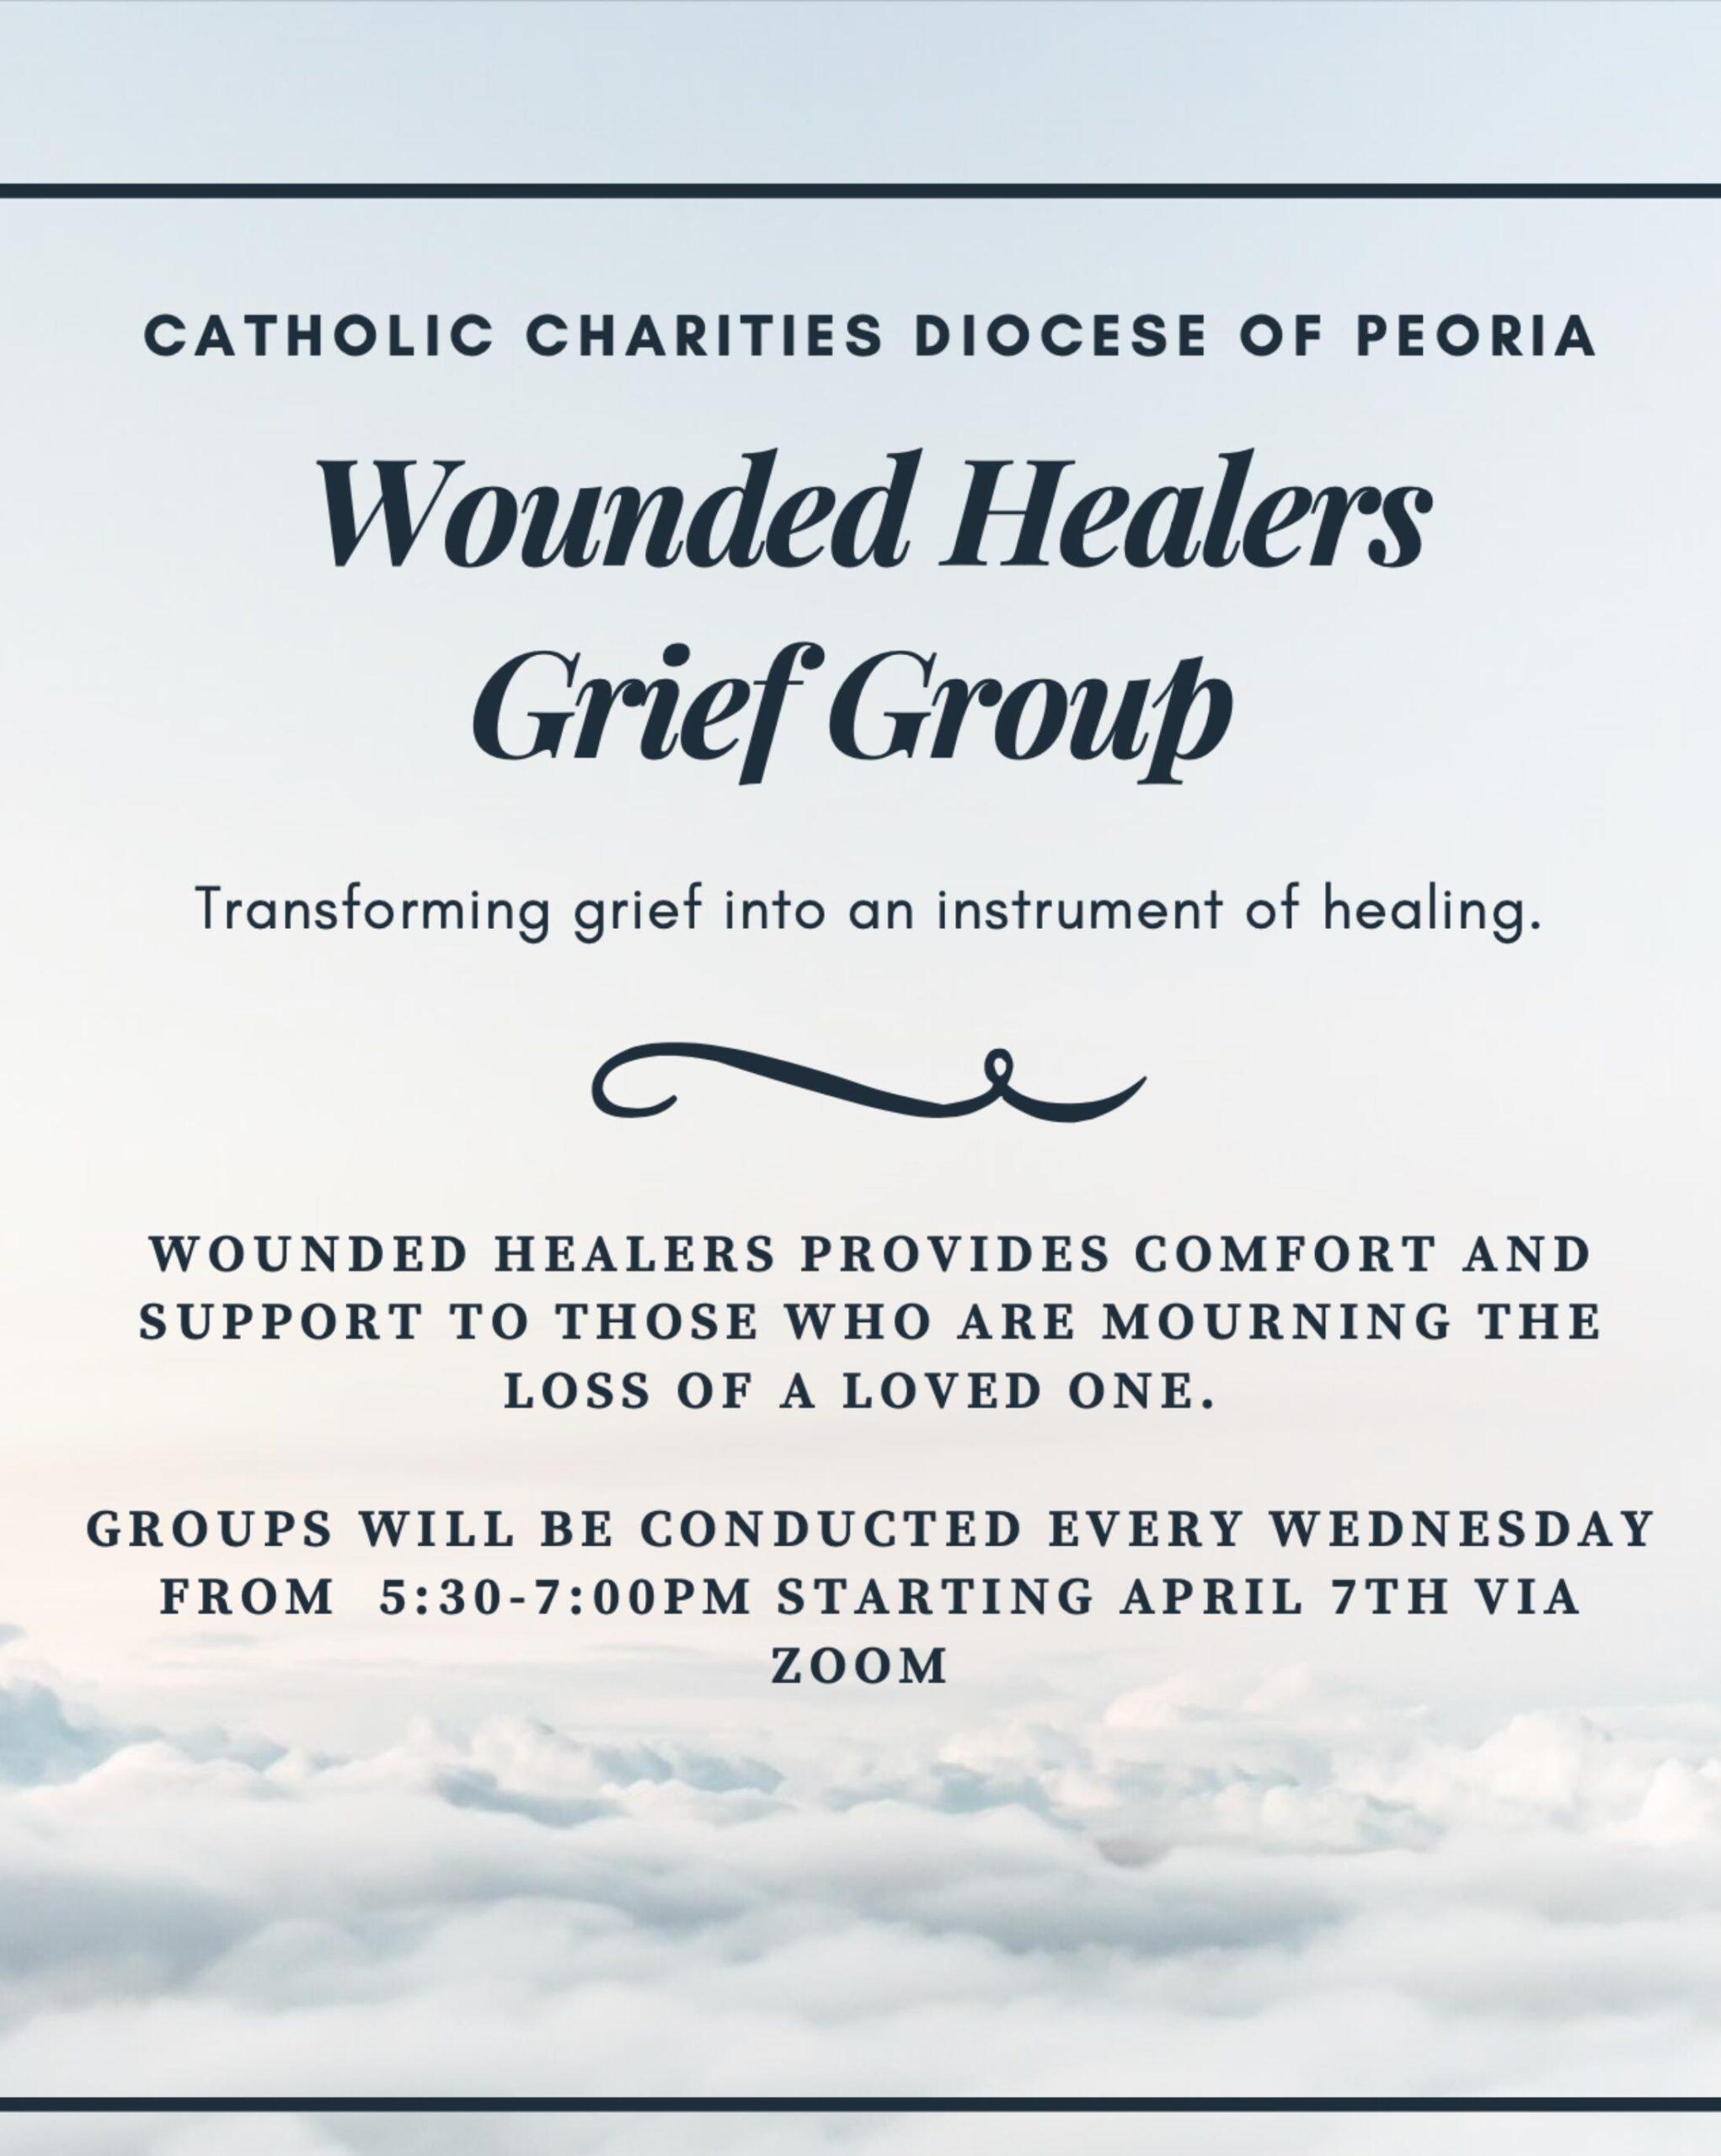 CDoP_Catholic Charities Poster P1